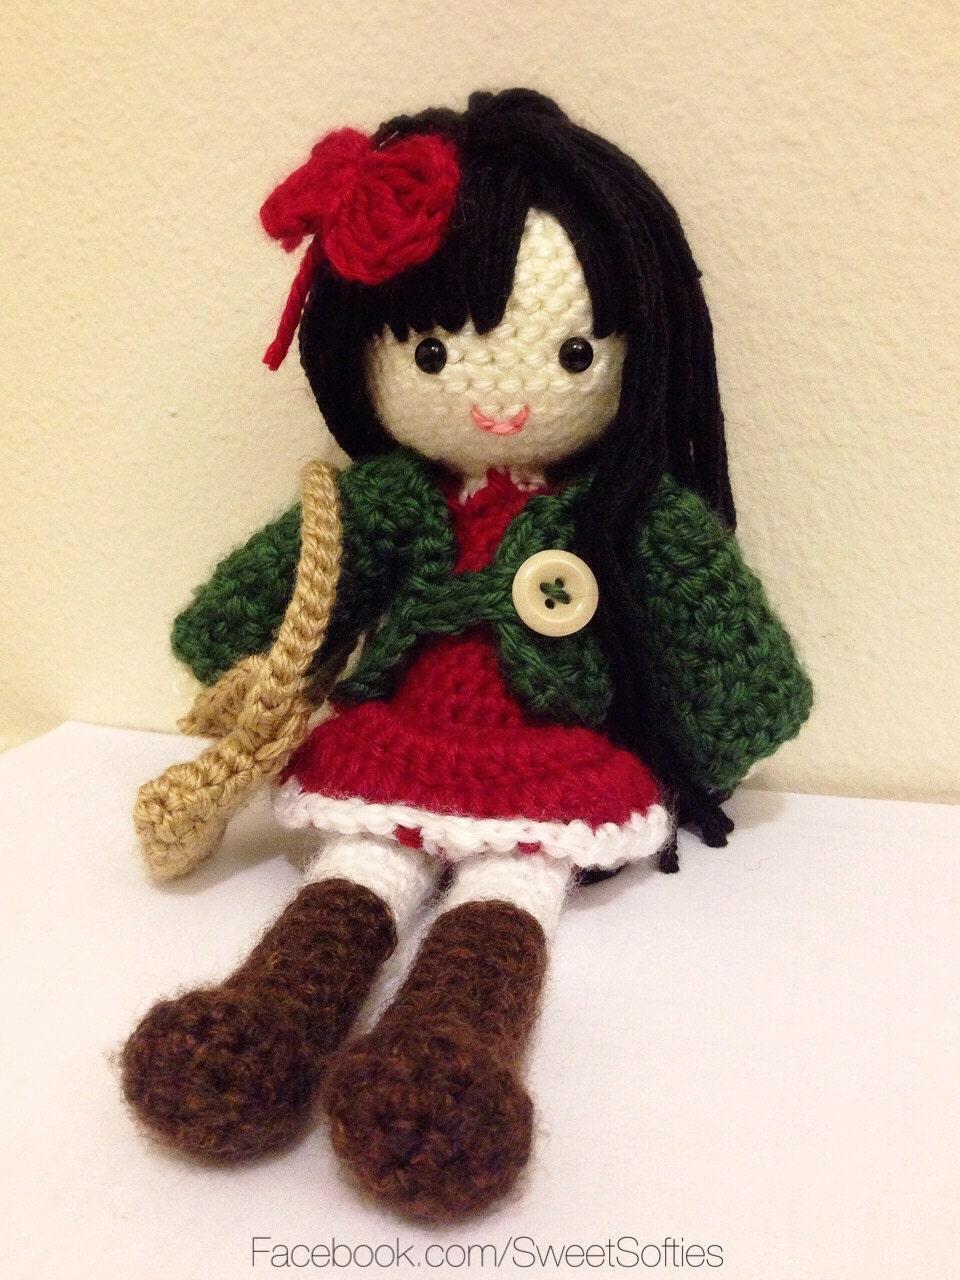 Amigurumi Doll Anime : Amigurumi Crochet Anime Girl Doll Pattern - Ava the Autumn ...